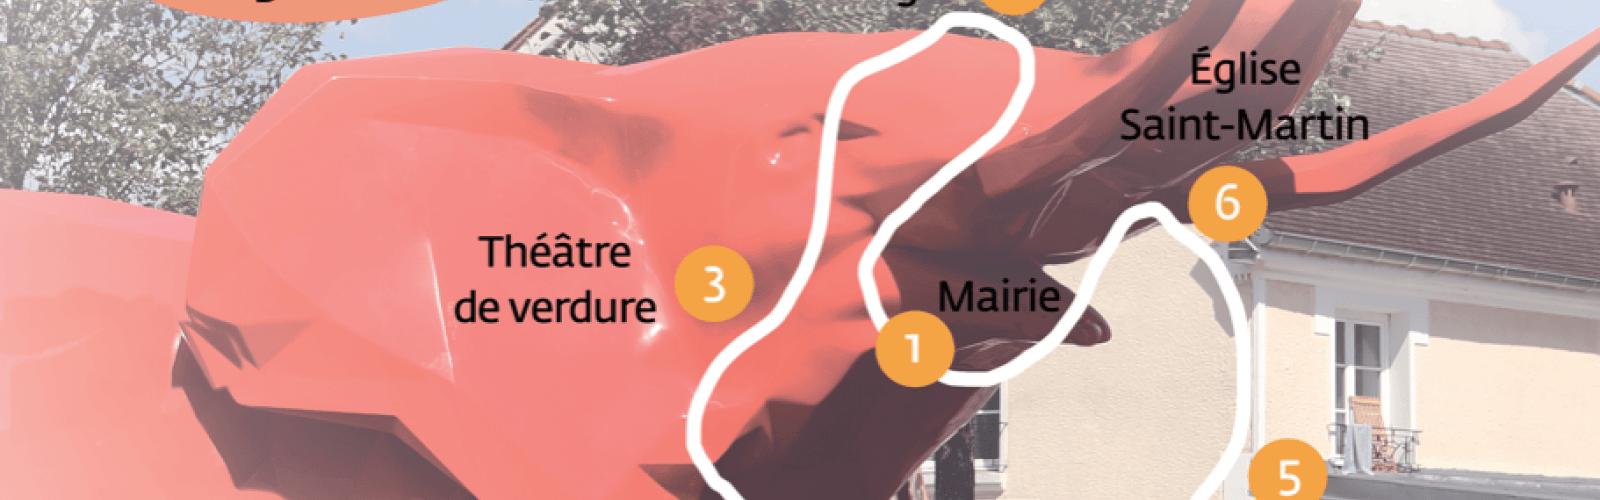 Flyer Tour du Monde en 80 Minutes - le Mesnil Amelot